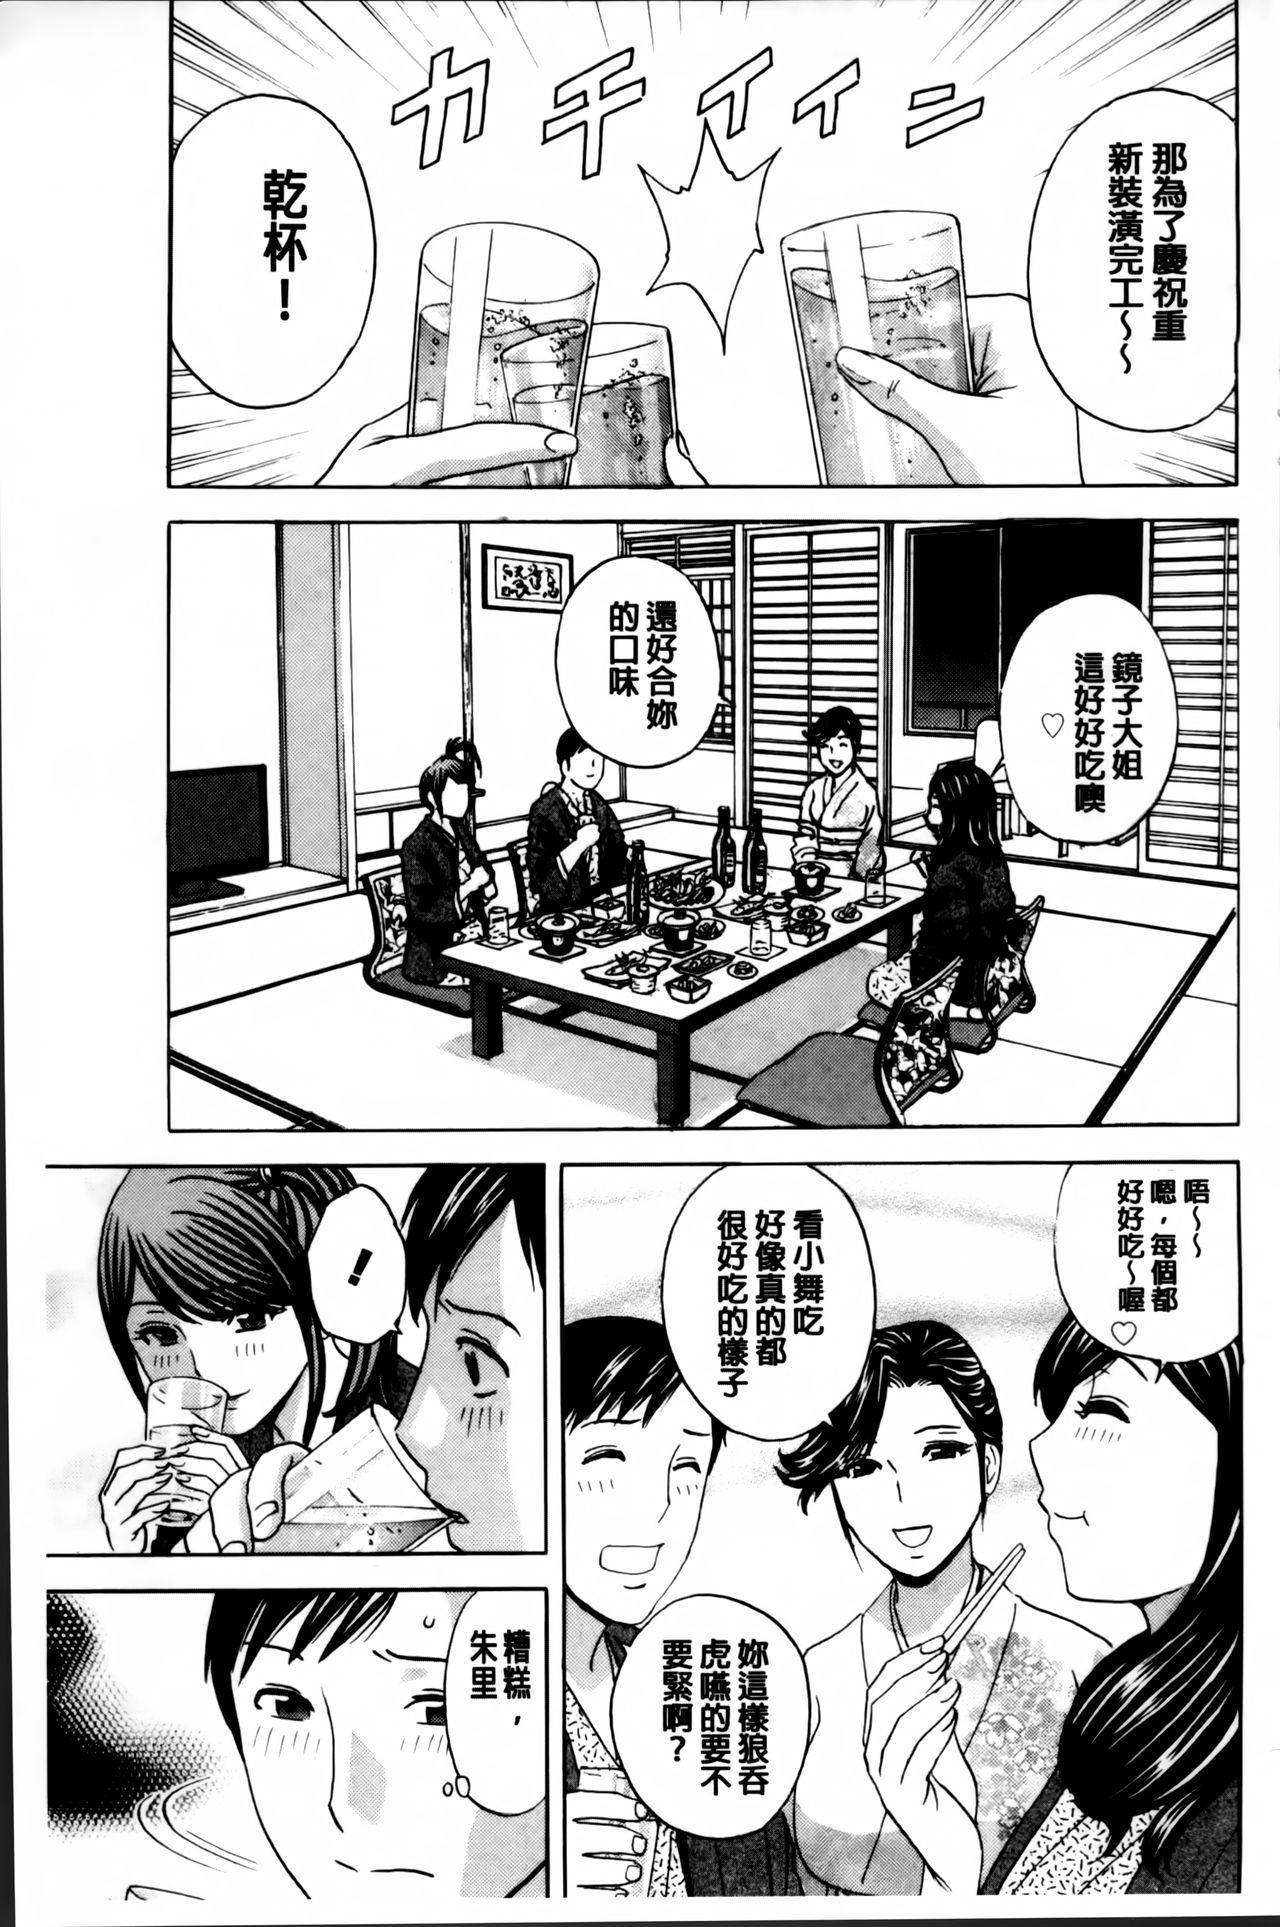 Midara Shimai Asobi 169